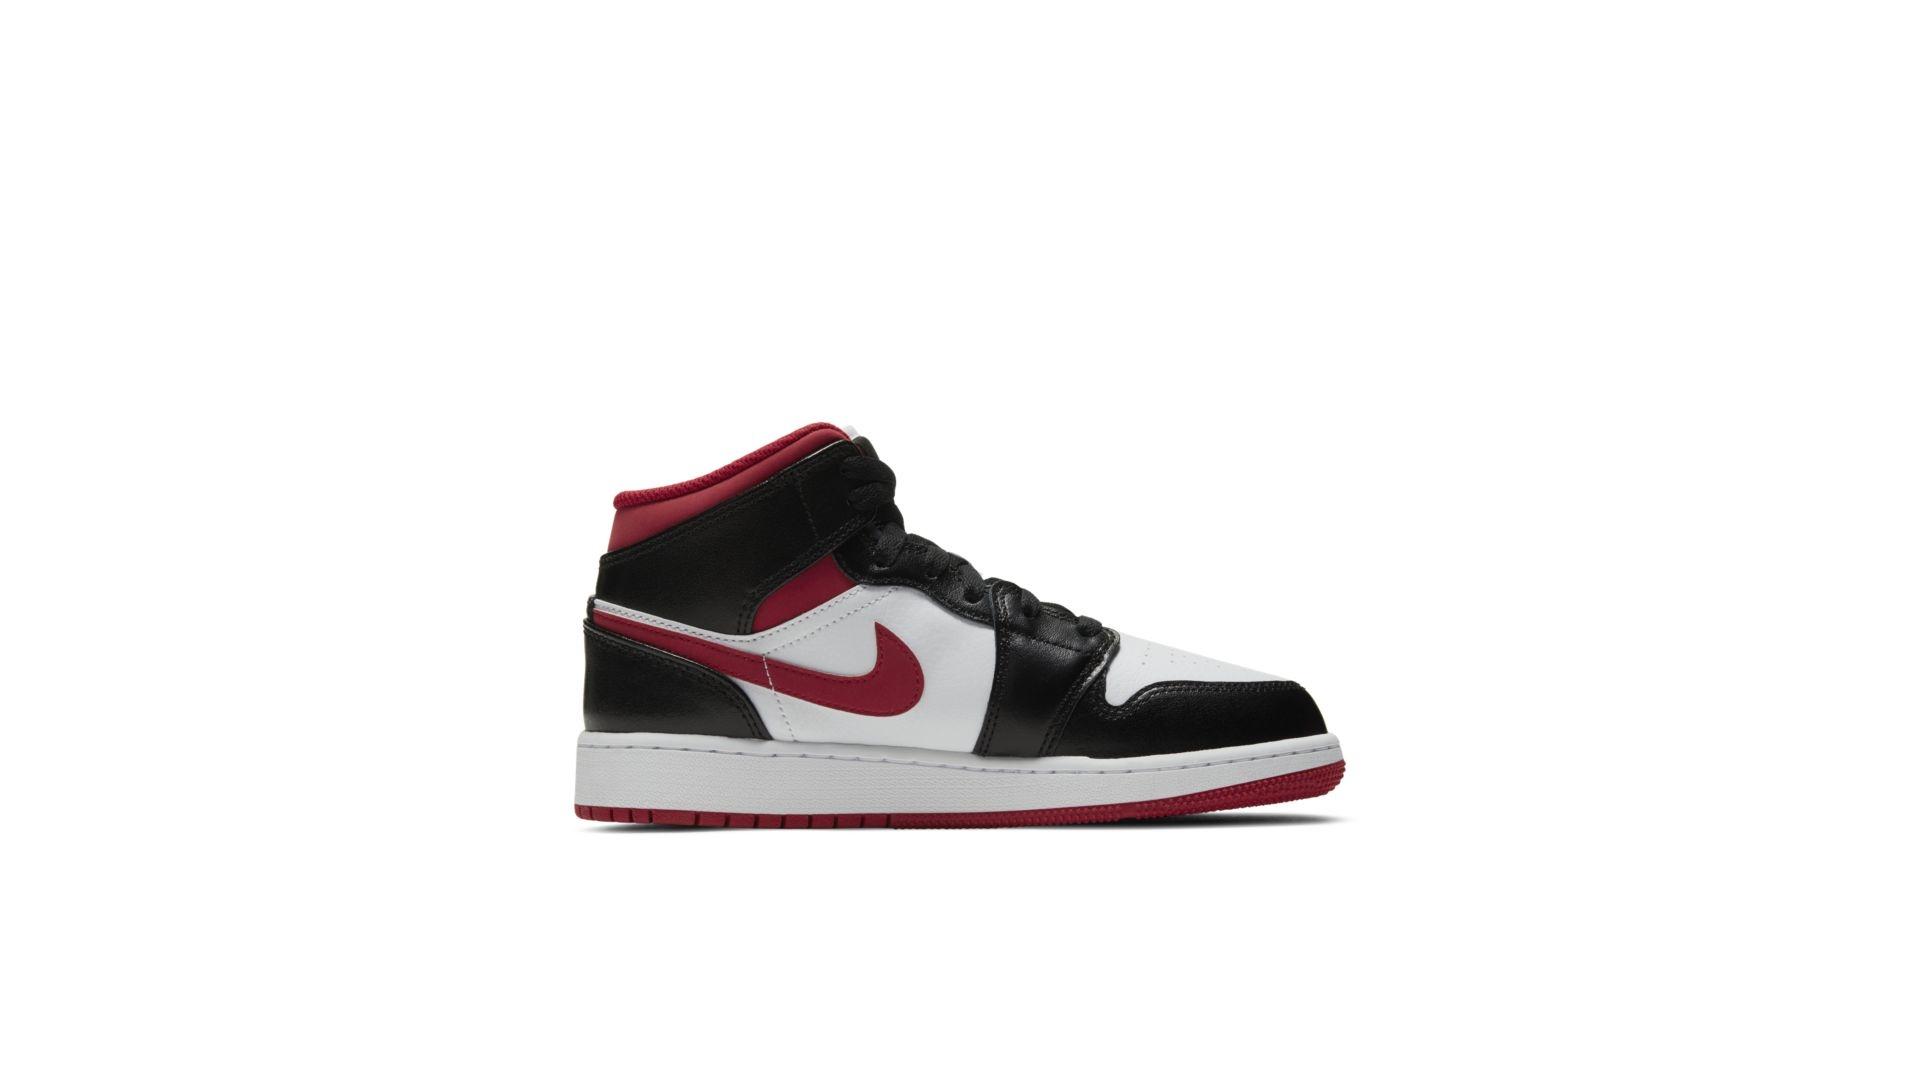 giay-sneaker-nike-jordan-1-mid-gym-red-black-white-554724-122-hang-chinh-hang